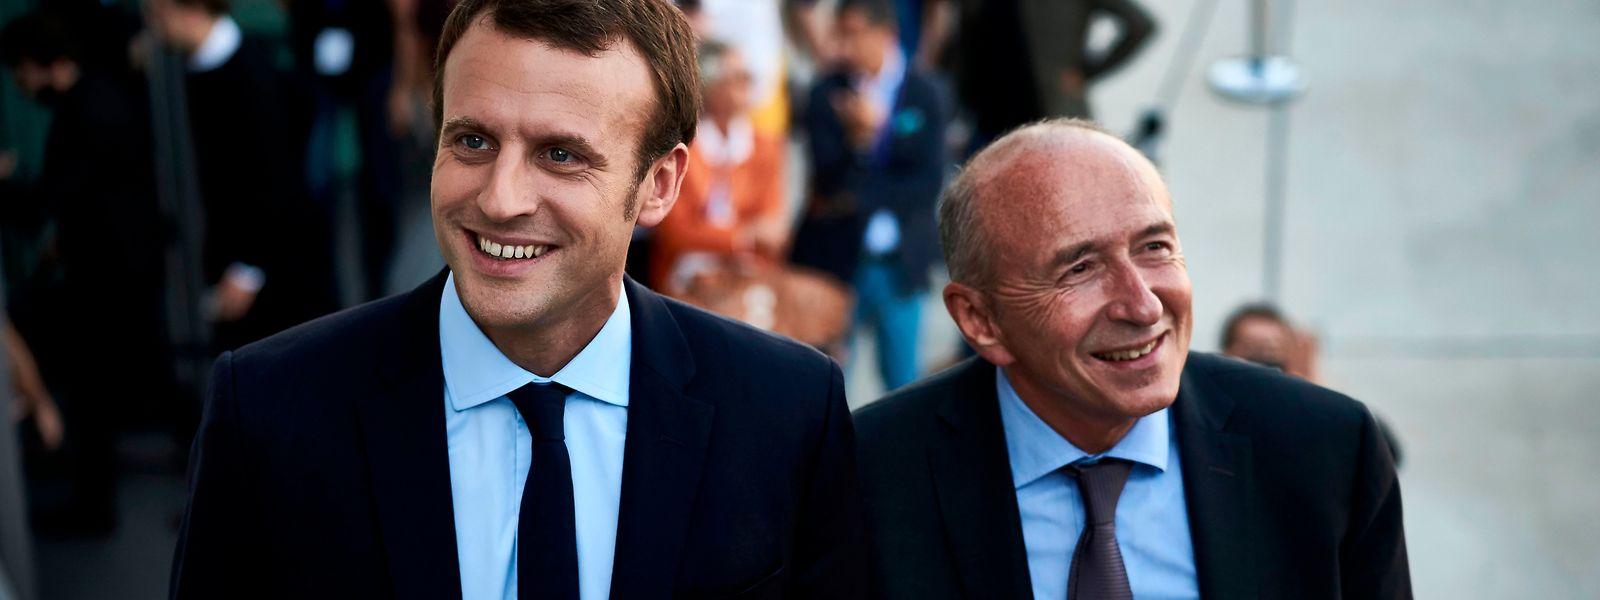 Emmanuel Macron (l.) und Gérard Collomb im Jahr 2016. Collomb war damals Bürgermeister von Lyon.